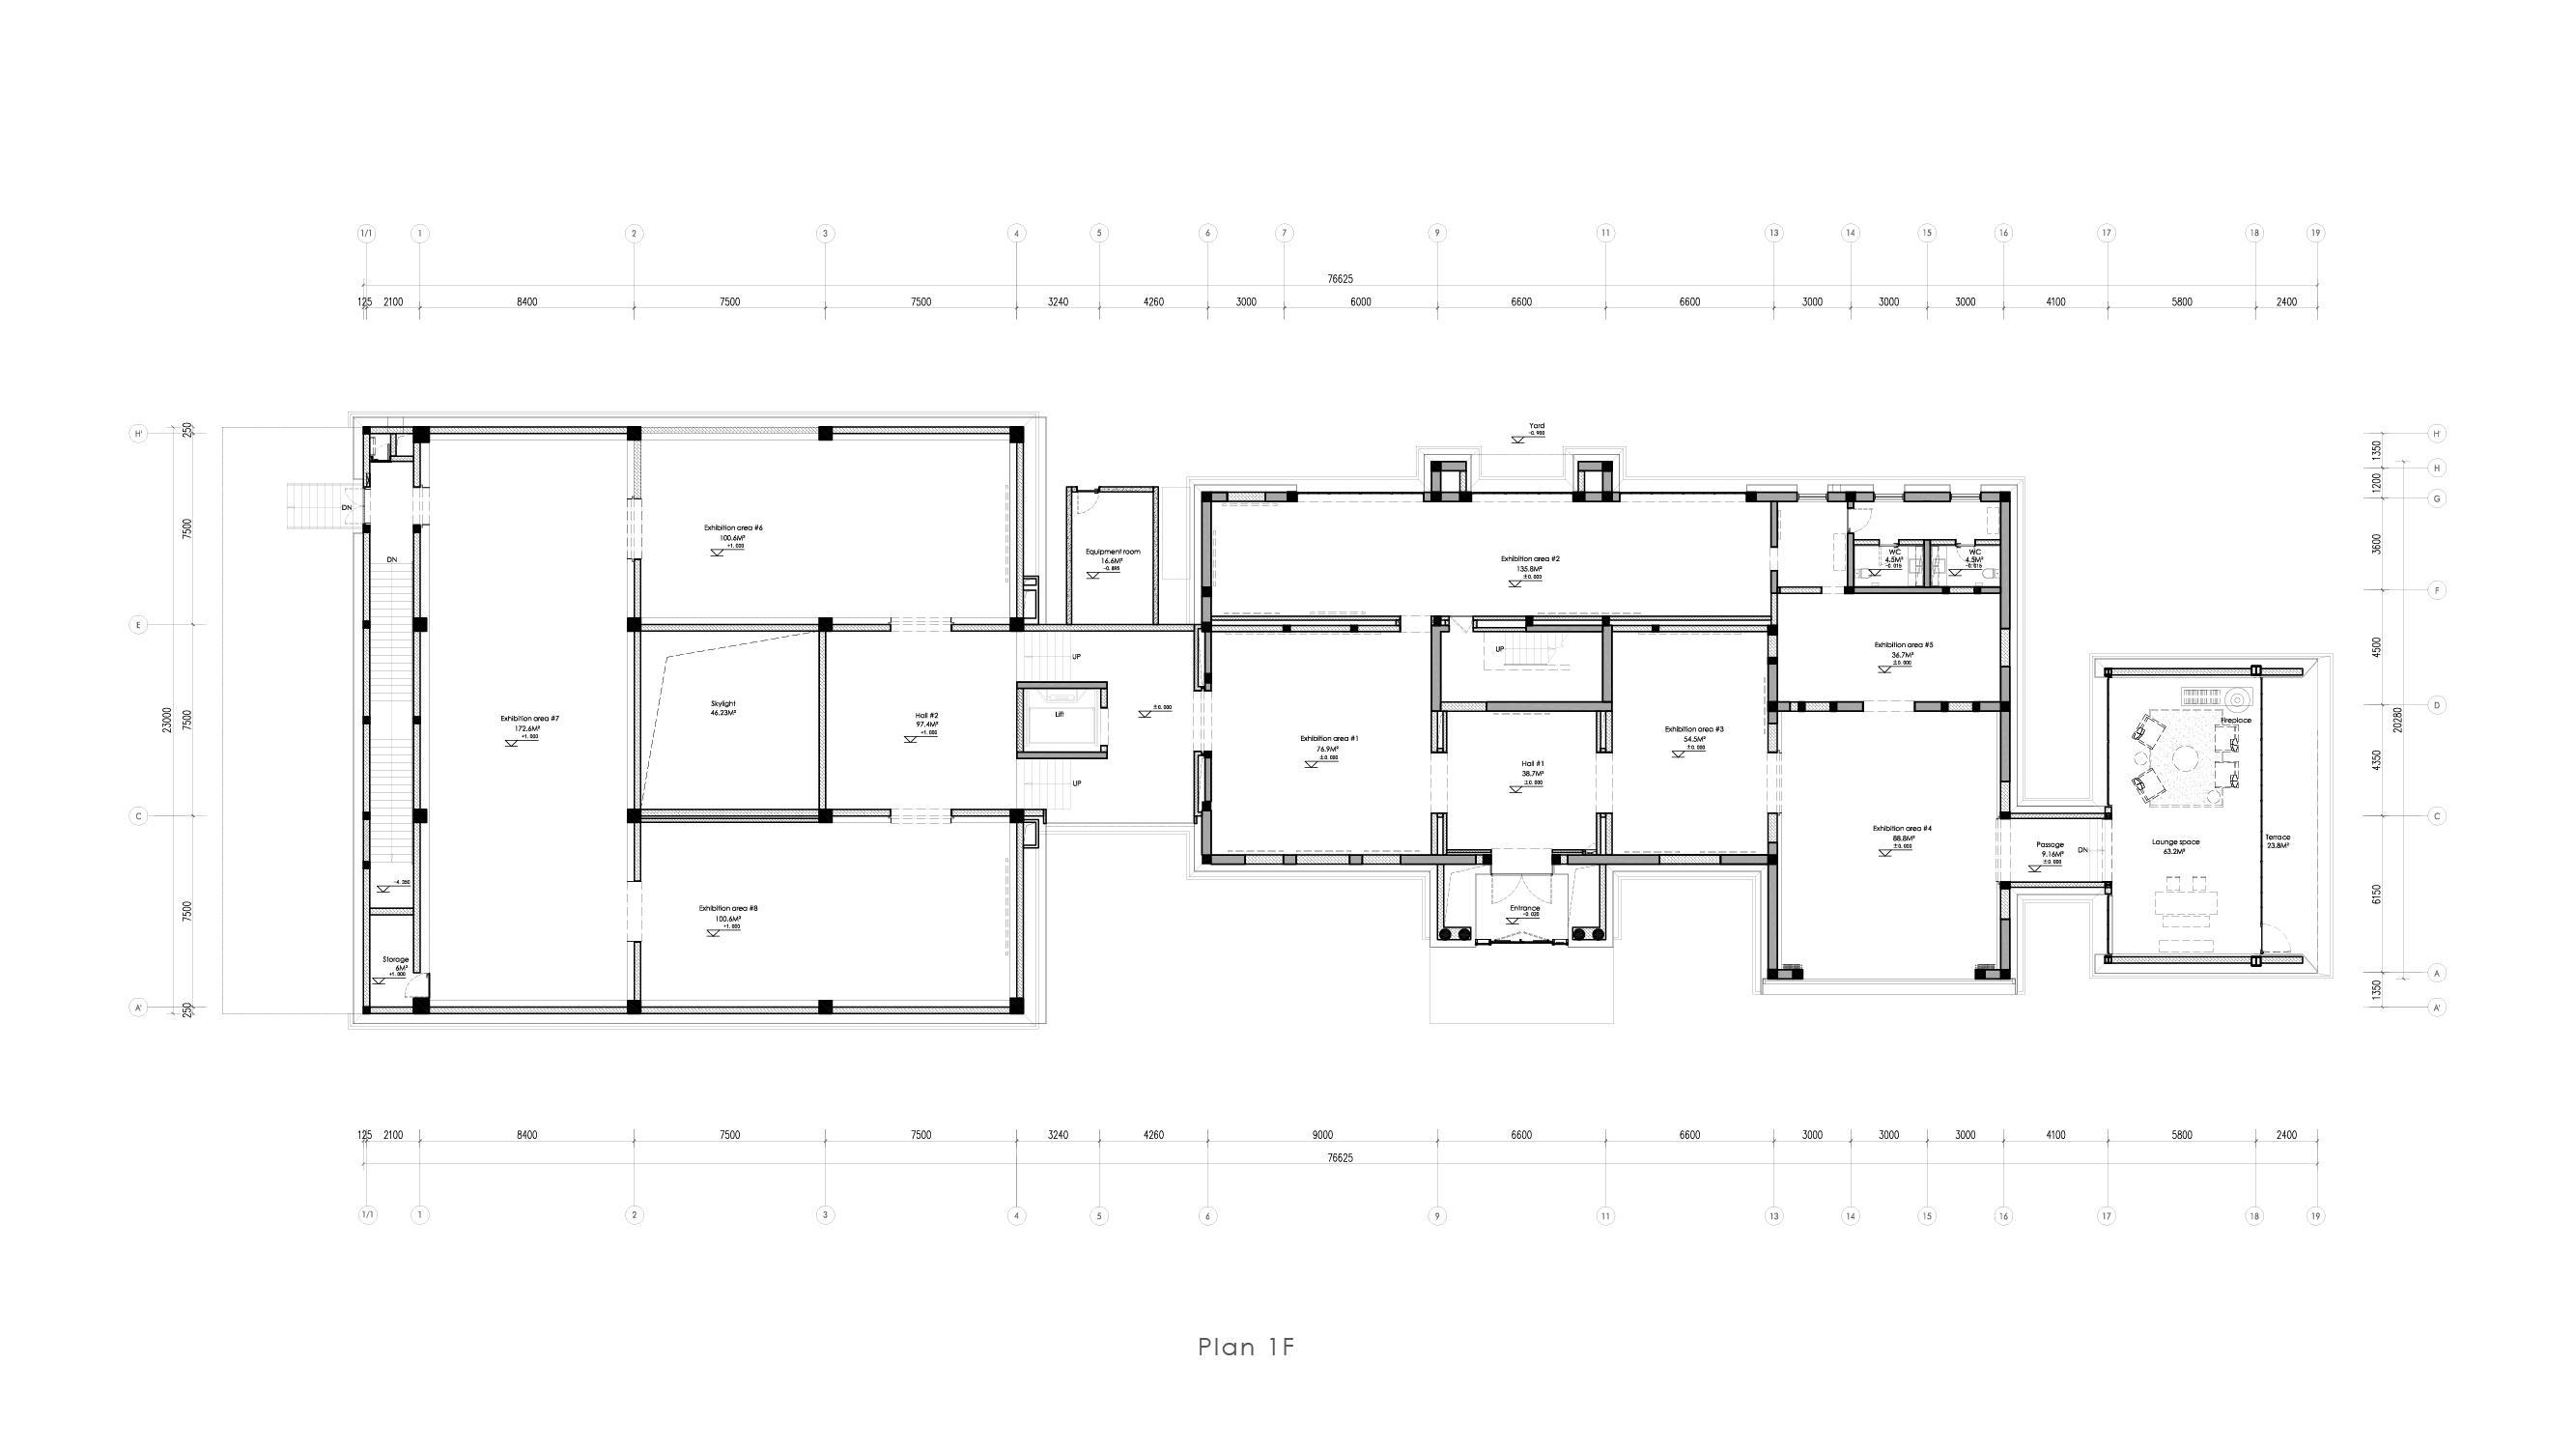 Museum plan - 1F Vermilion Zhou Design Group}